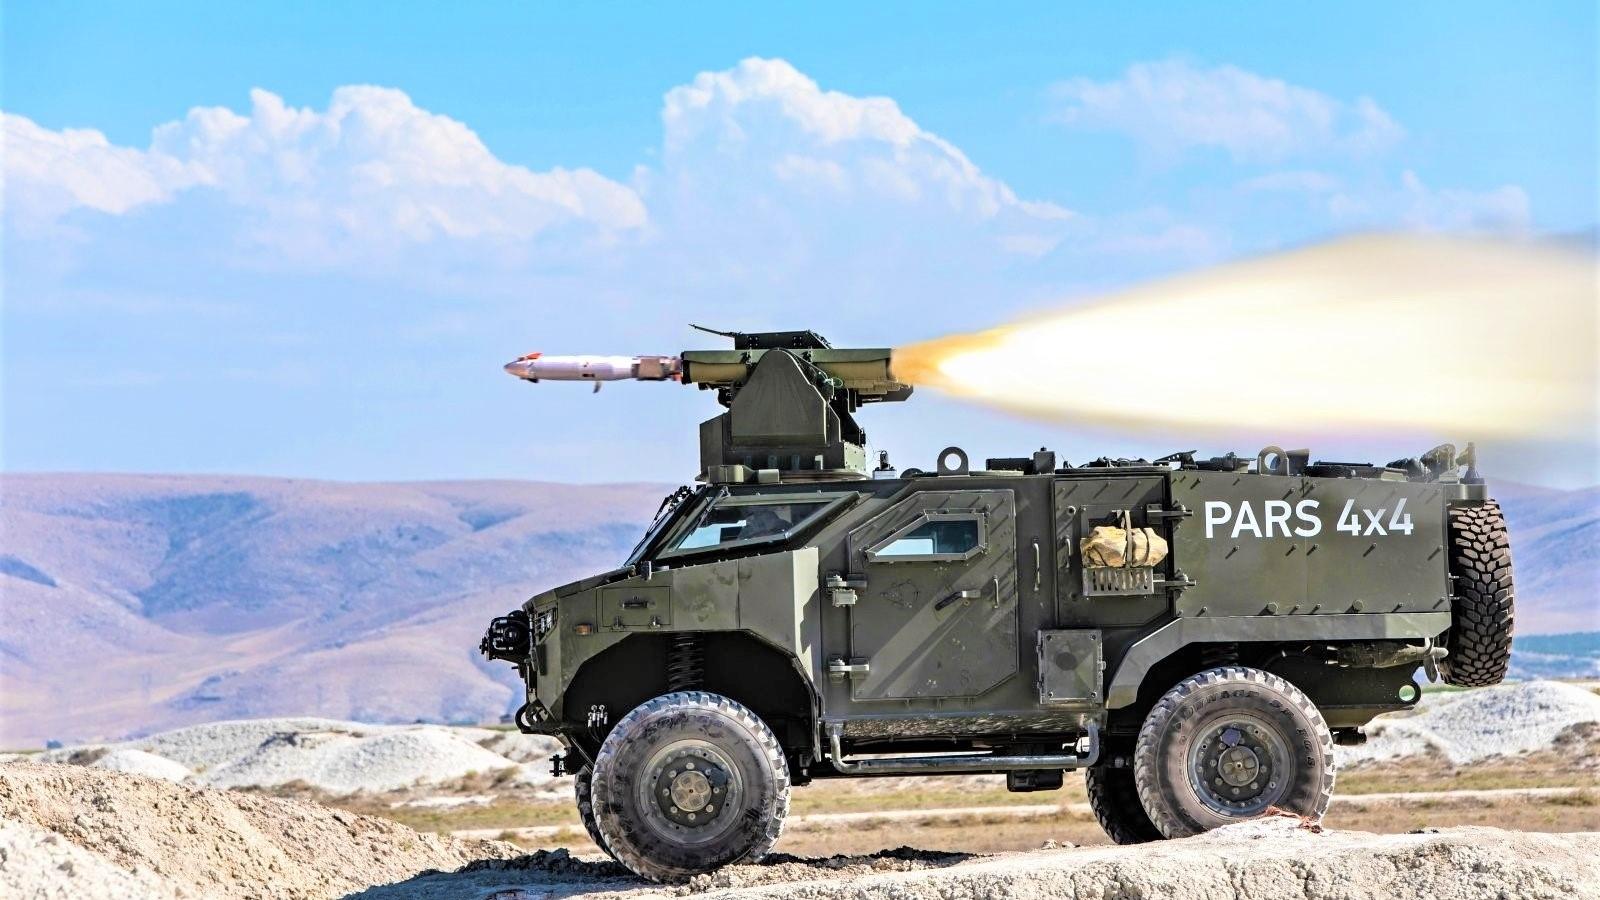 Xe PARS 4x4 chống tăng của Thổ Nhĩ Kỳ đang thu hút sự quan tâm lớn của giới chuyên gia